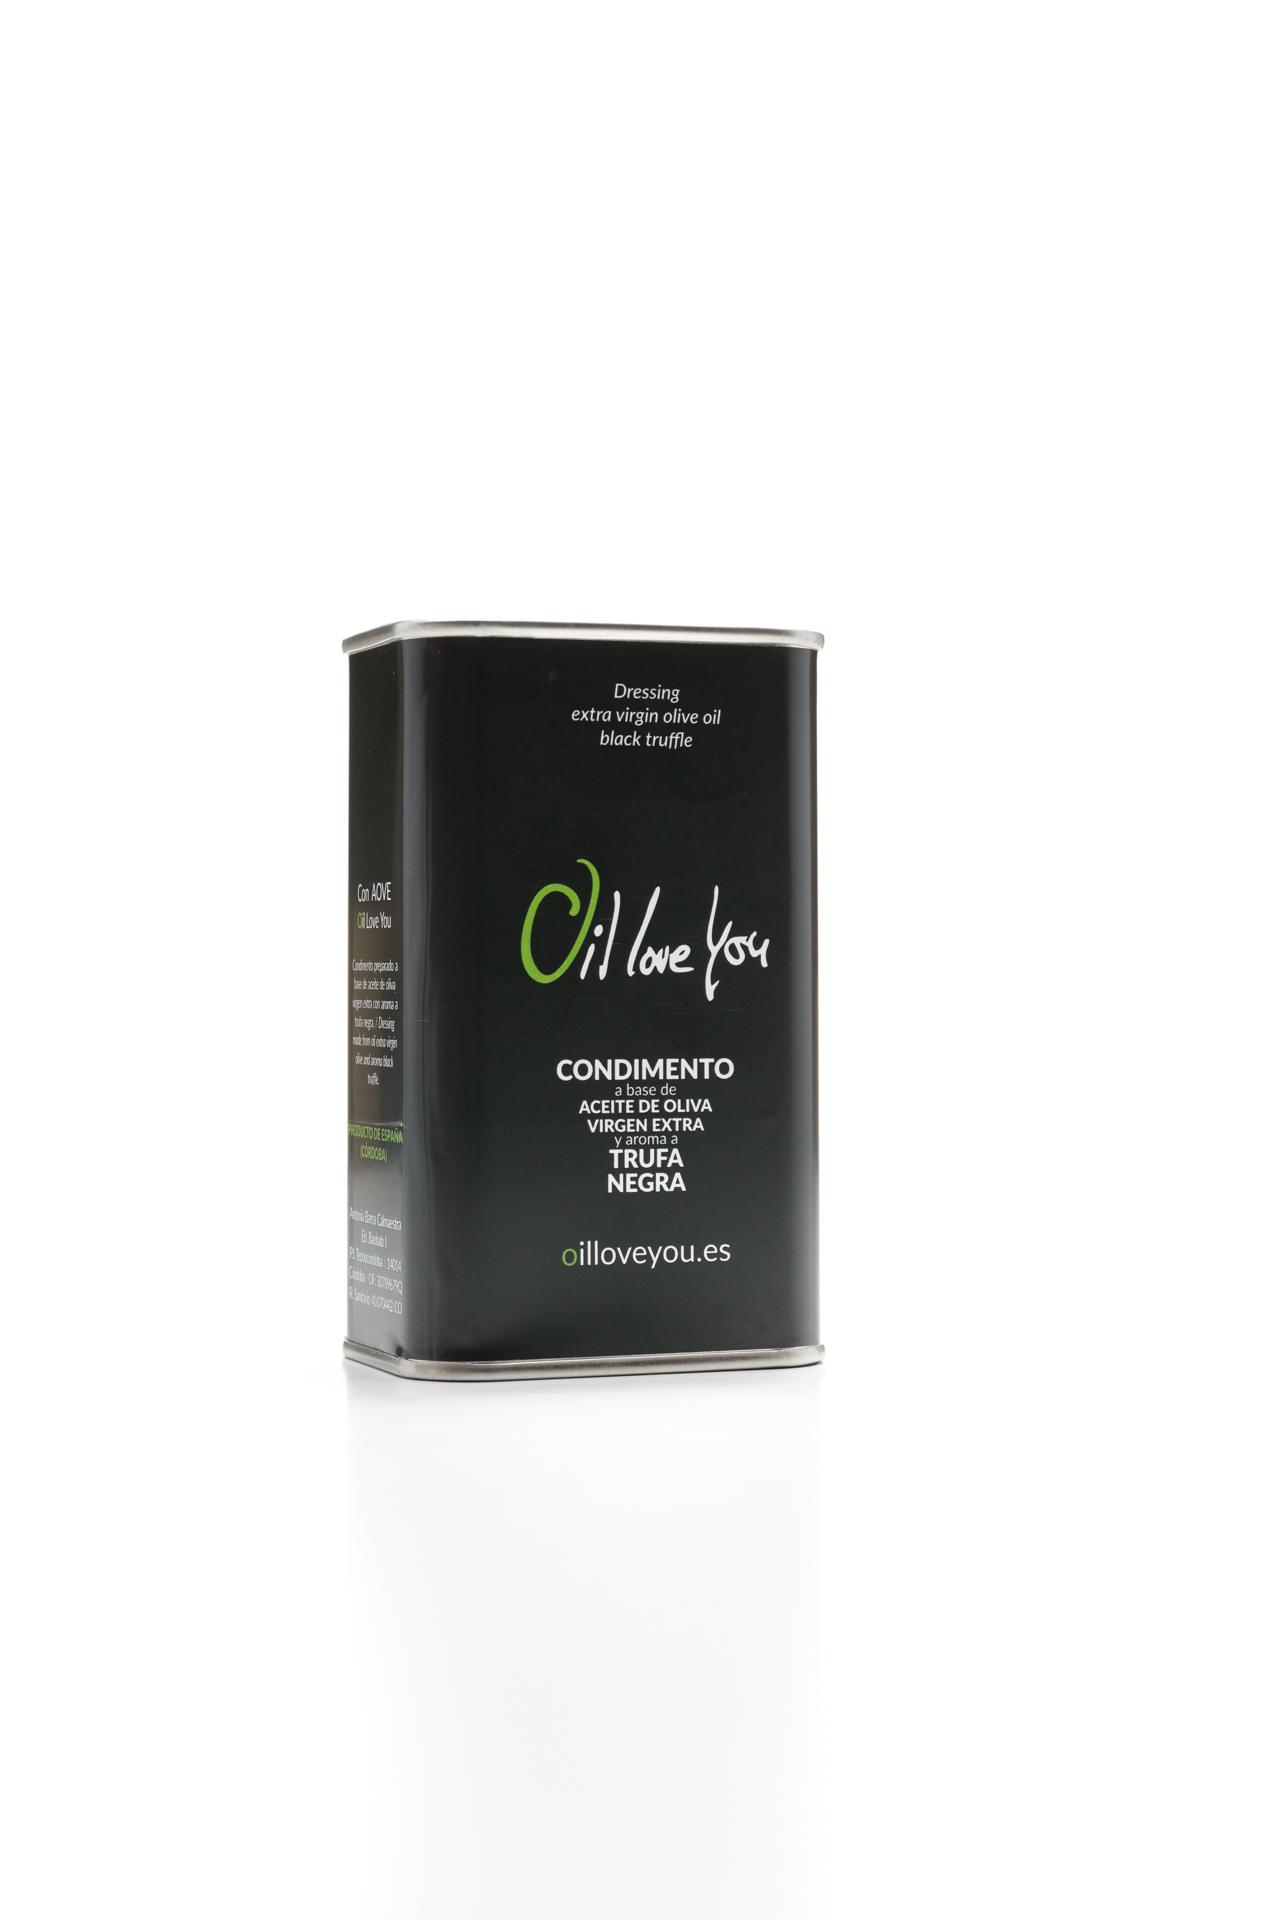 lata-de-aceite-de-oliva-virgen-extra-aromatizado-con-trufa-negra-250ml-oilloveyou (3)